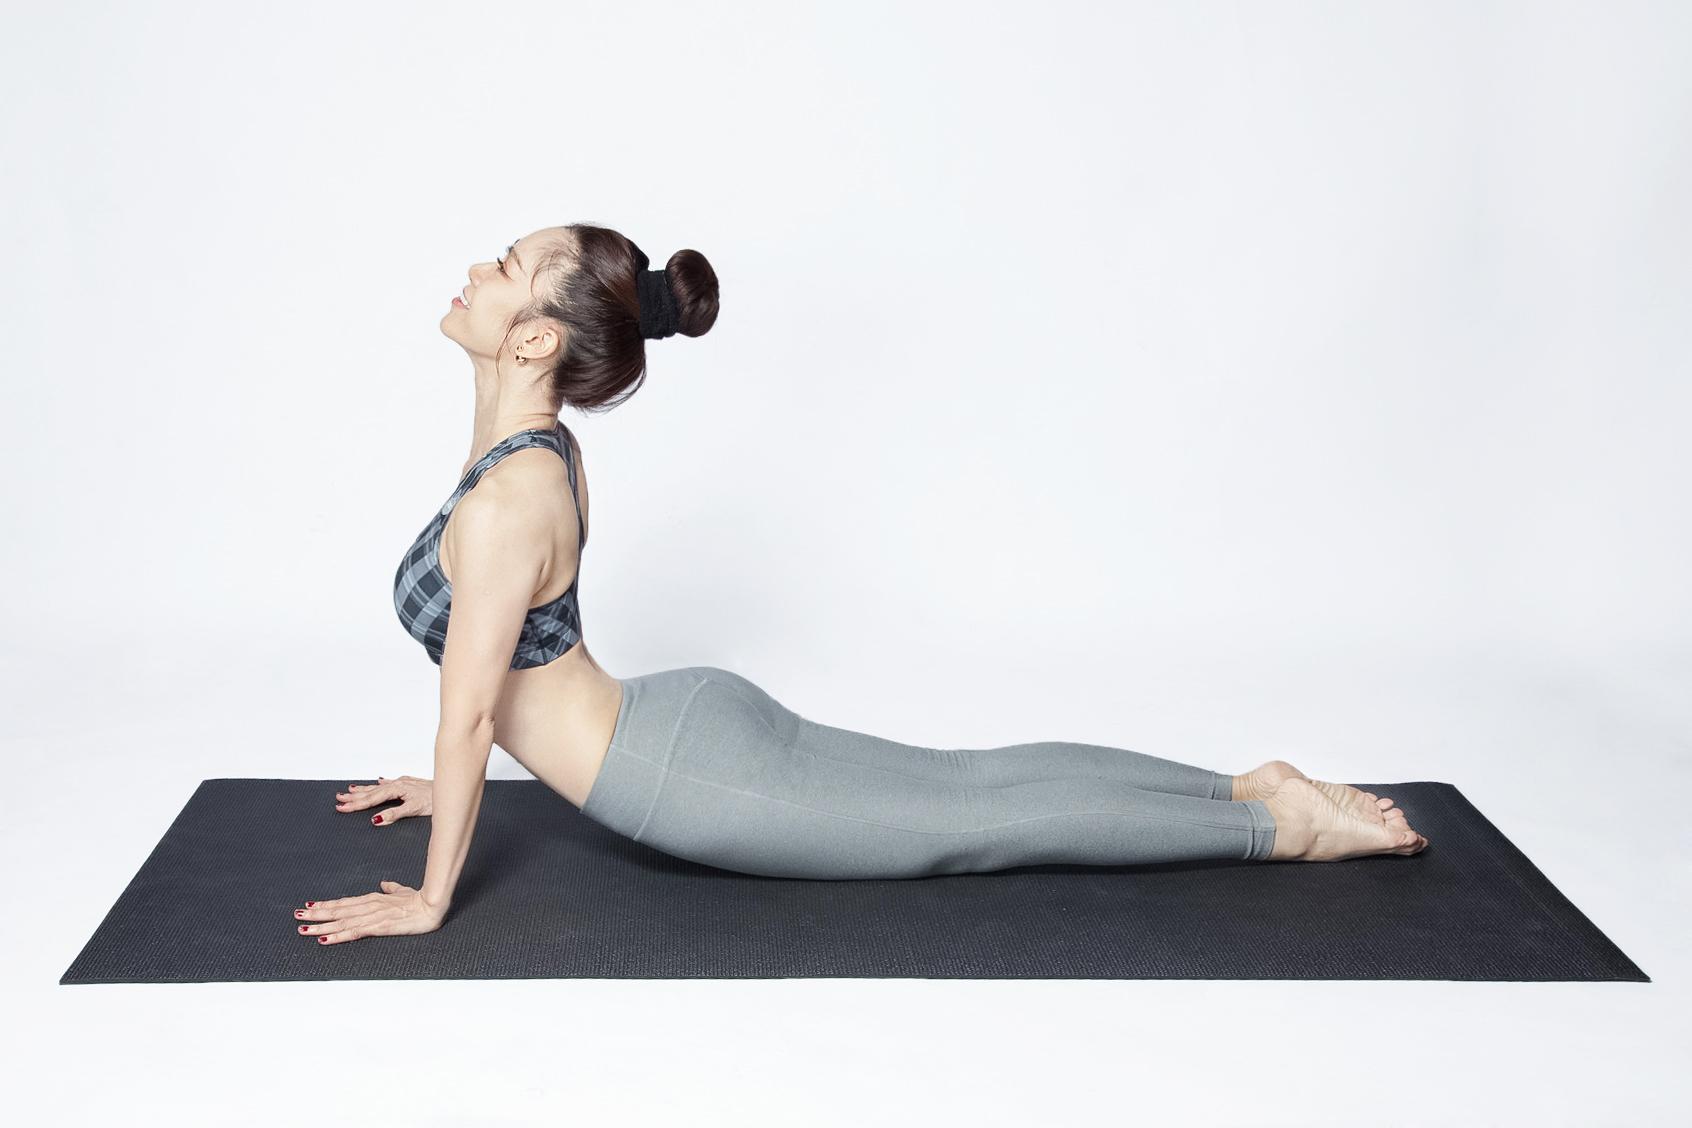 Bật mí 5 bài tập yoga cho bệnh viêm khớp hiệu quả và an toàn-1